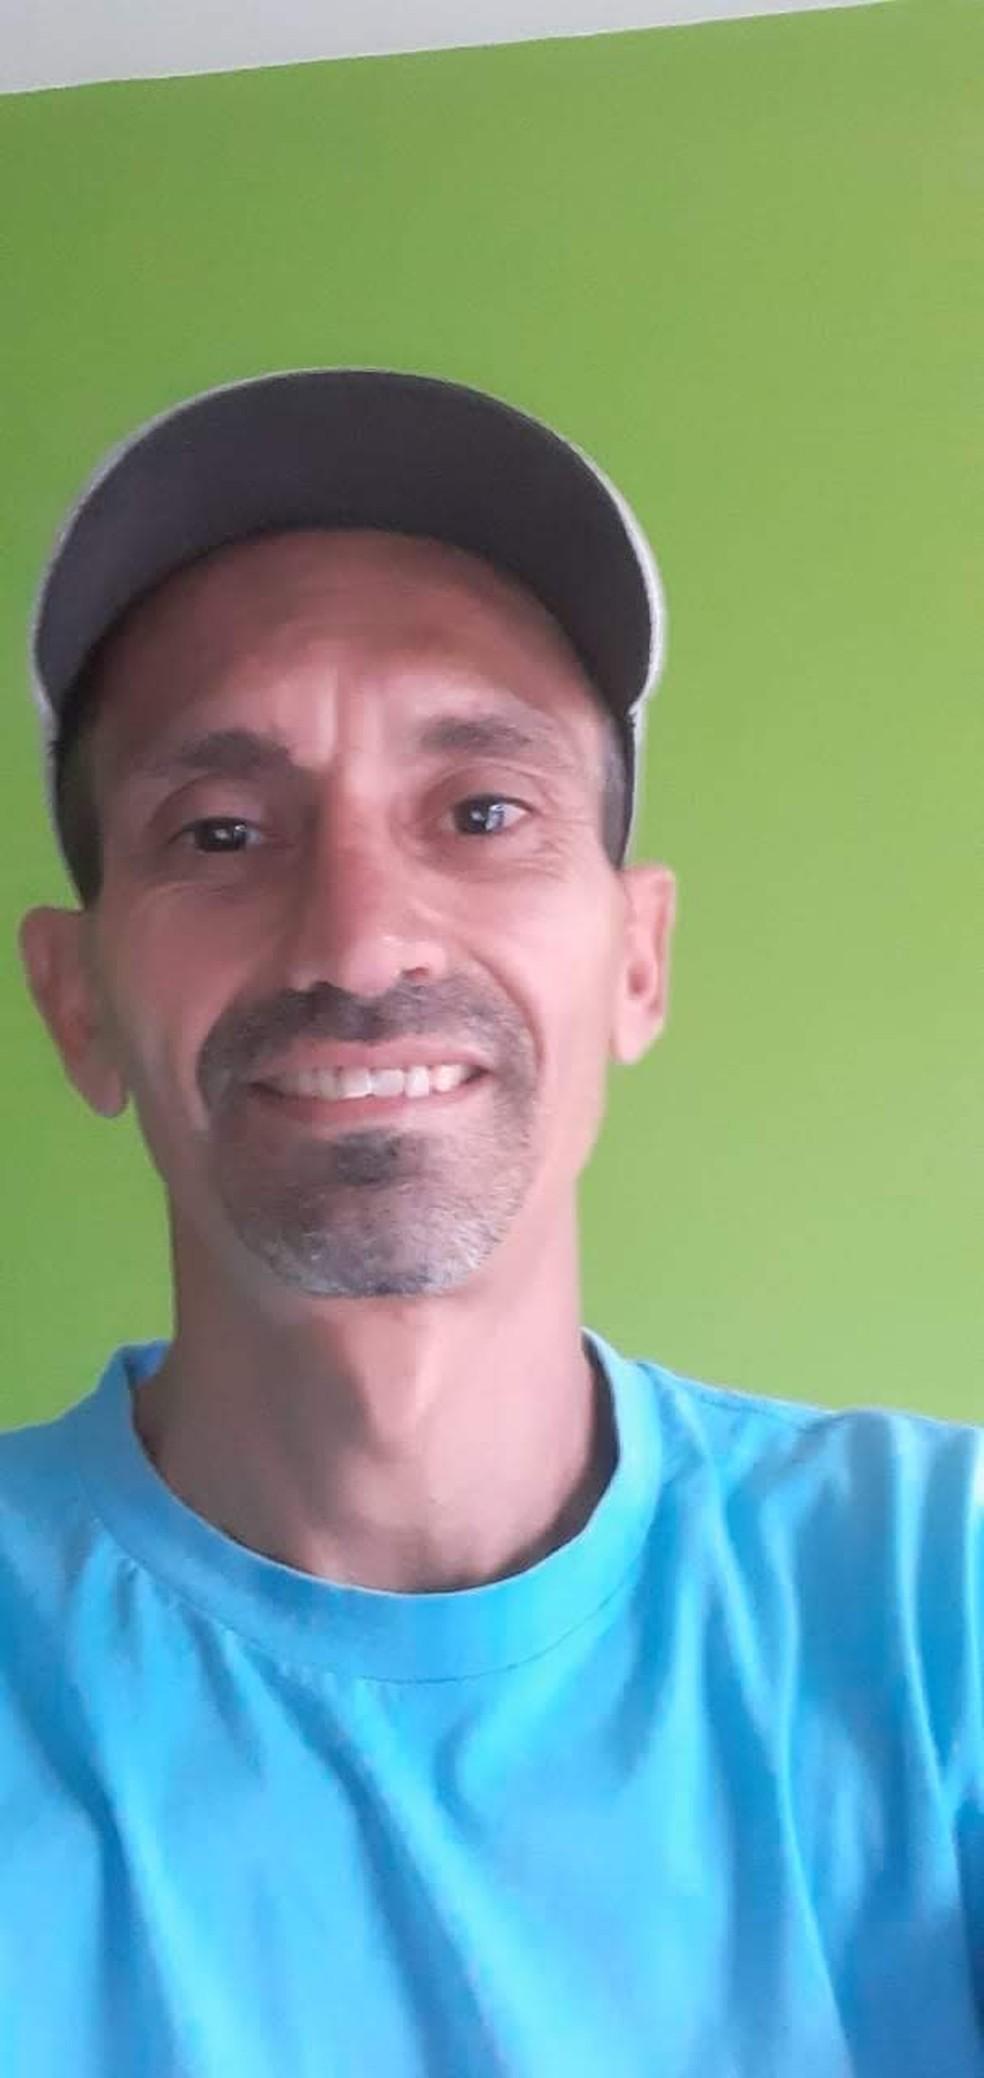 Corpo de Adailton Araújo Barbosa foi reconhecido pela mãe e pela enteada; segundo confissão, ele foi morto pelo filho — Foto: Arquivo pessoal